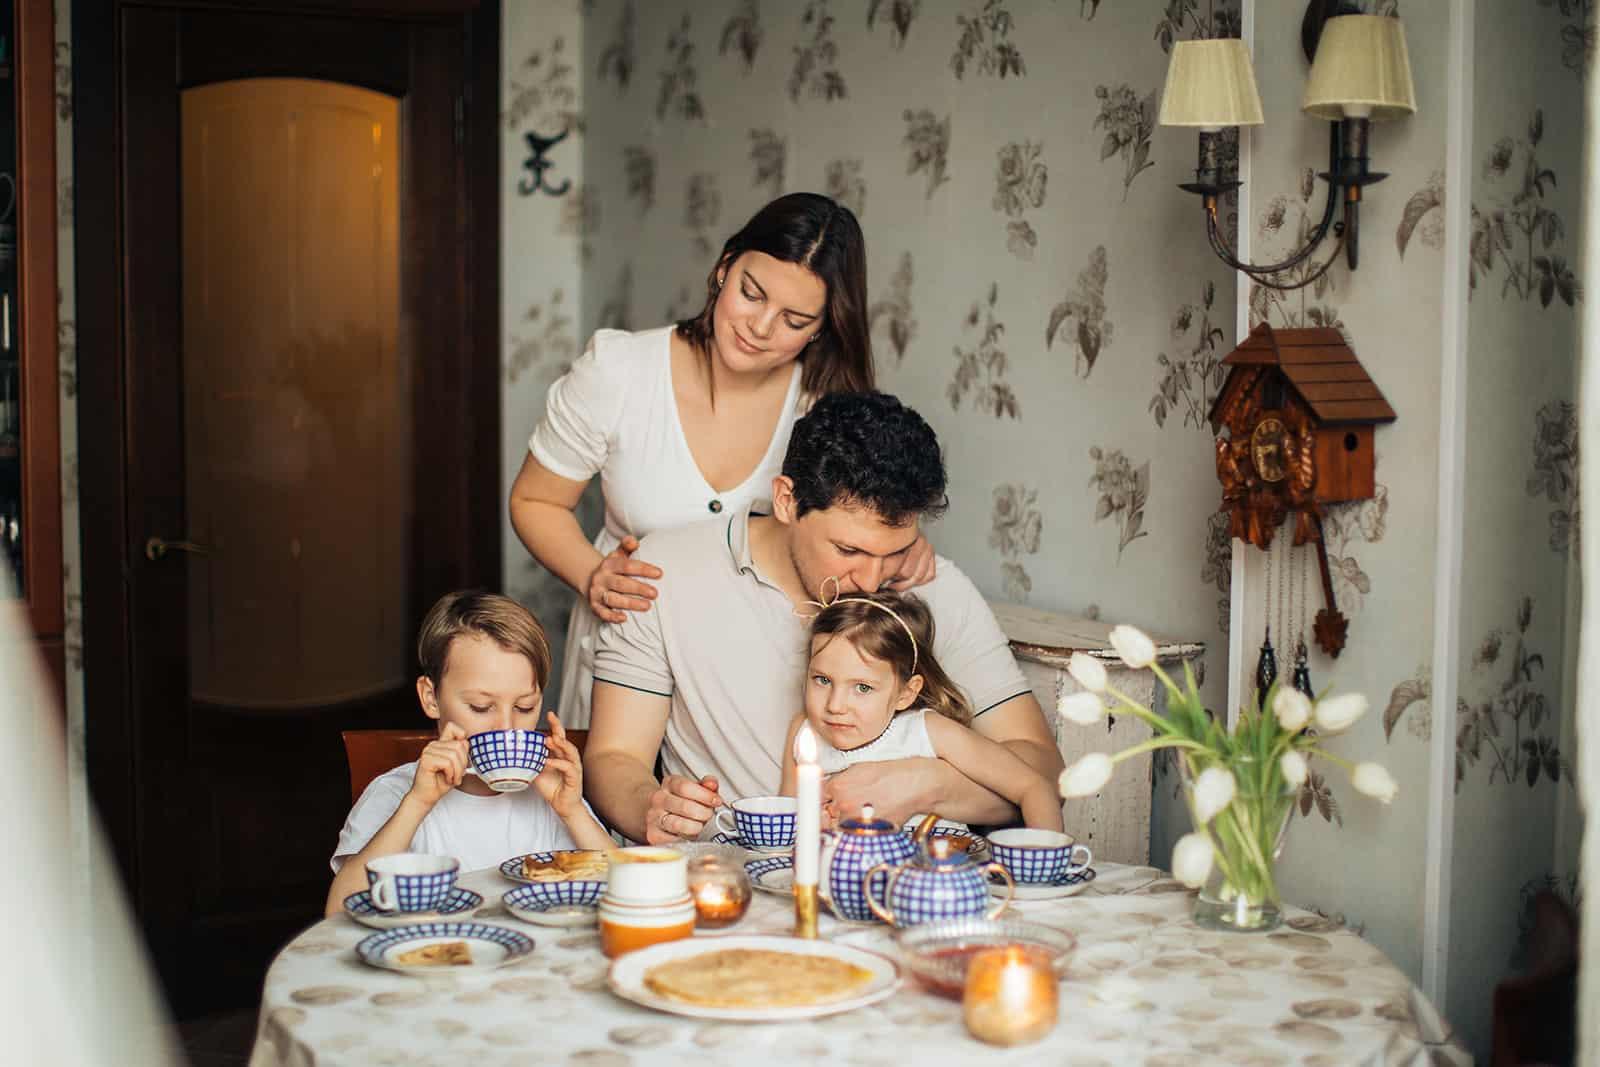 eine Frau umarmt ihren Mann, der mit Kindern am Tisch während einer Mahlzeit sitzt